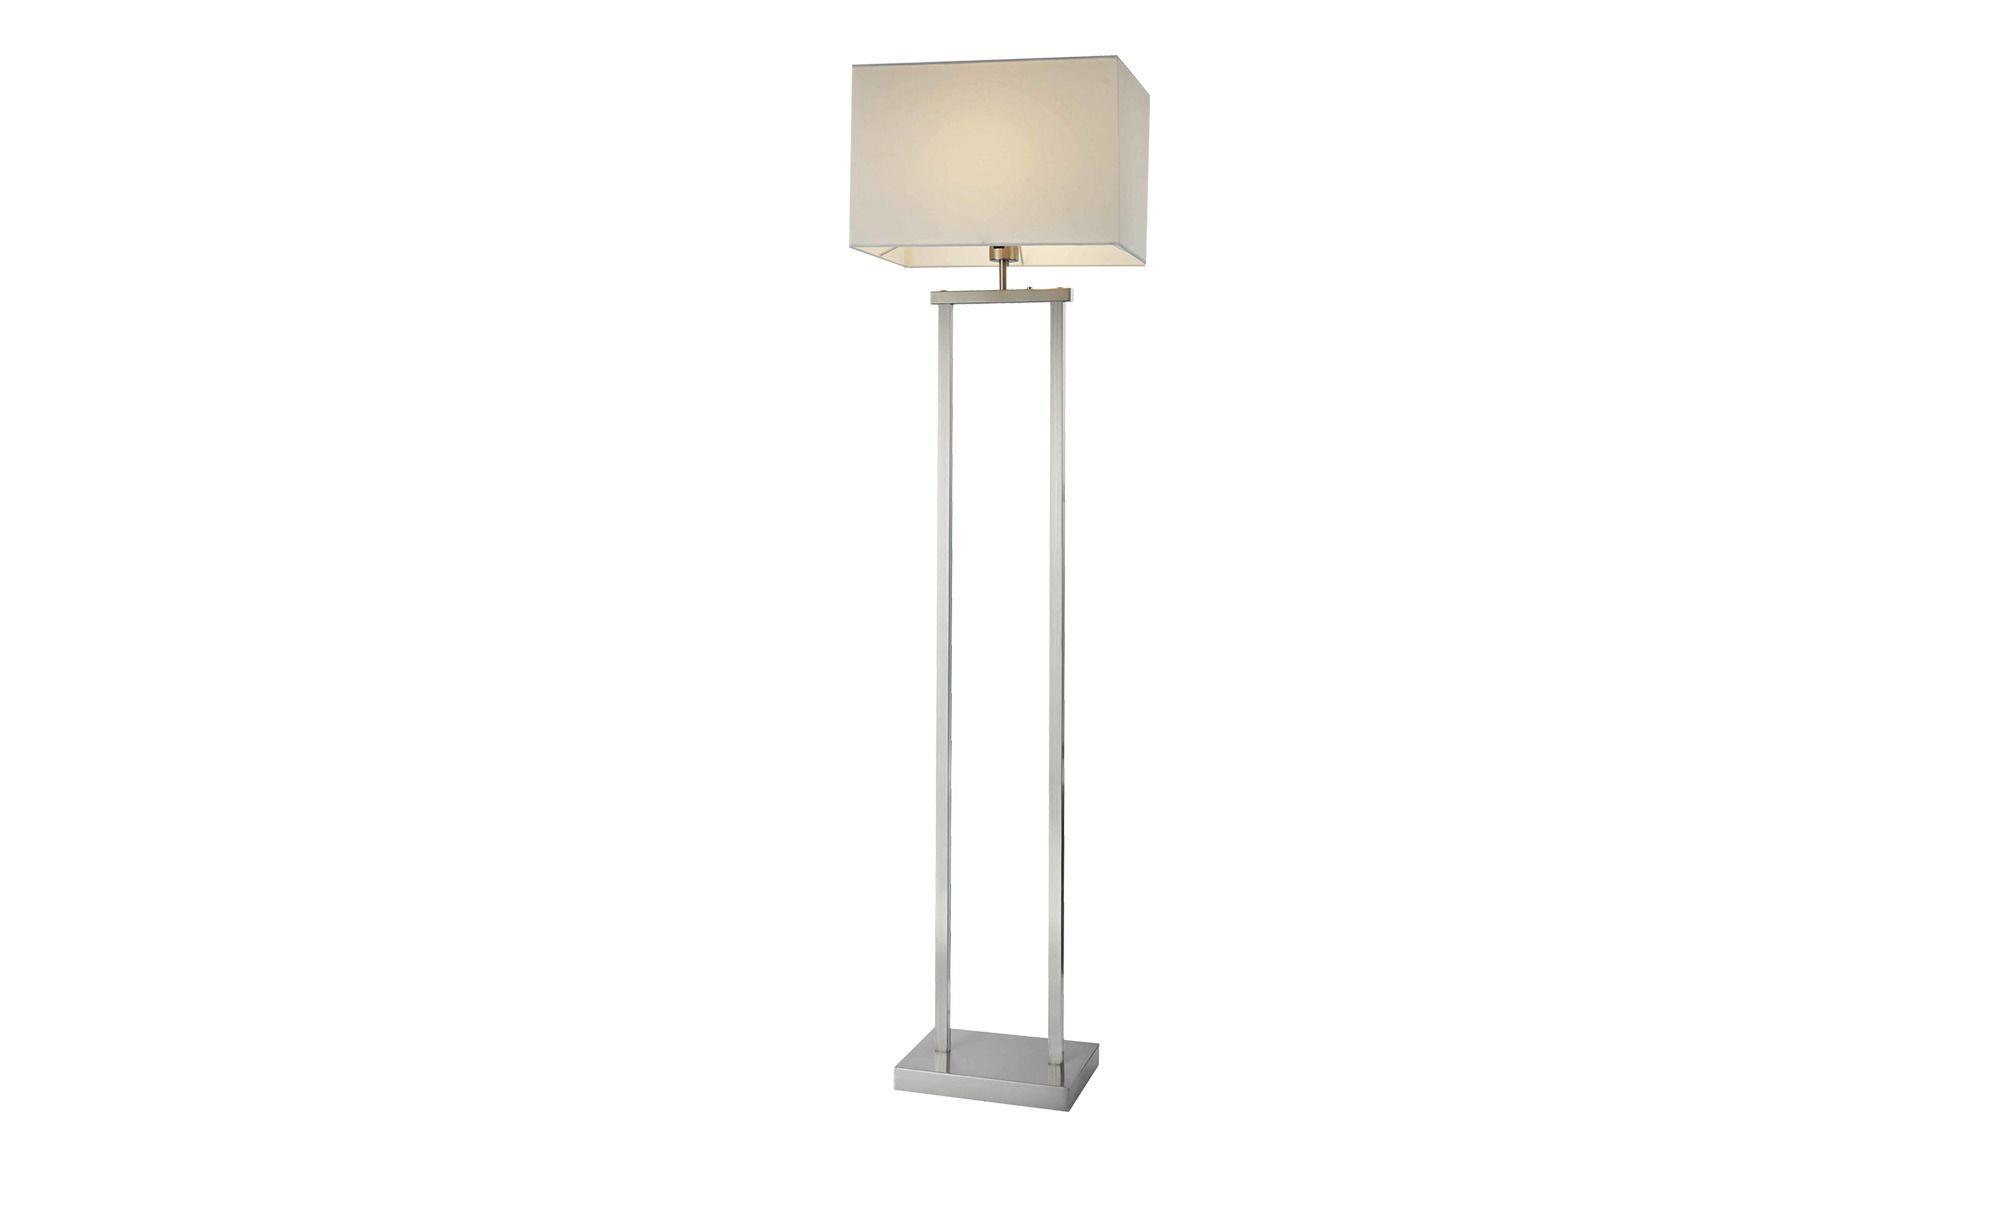 Hangeleuchten Esszimmer Led Tischleuchten Kabellos Lampe Silber Gehammert Strahler Einflammig Stehlampe Dimmbar Deckenfluter Led Led Einbaustrahler Flach